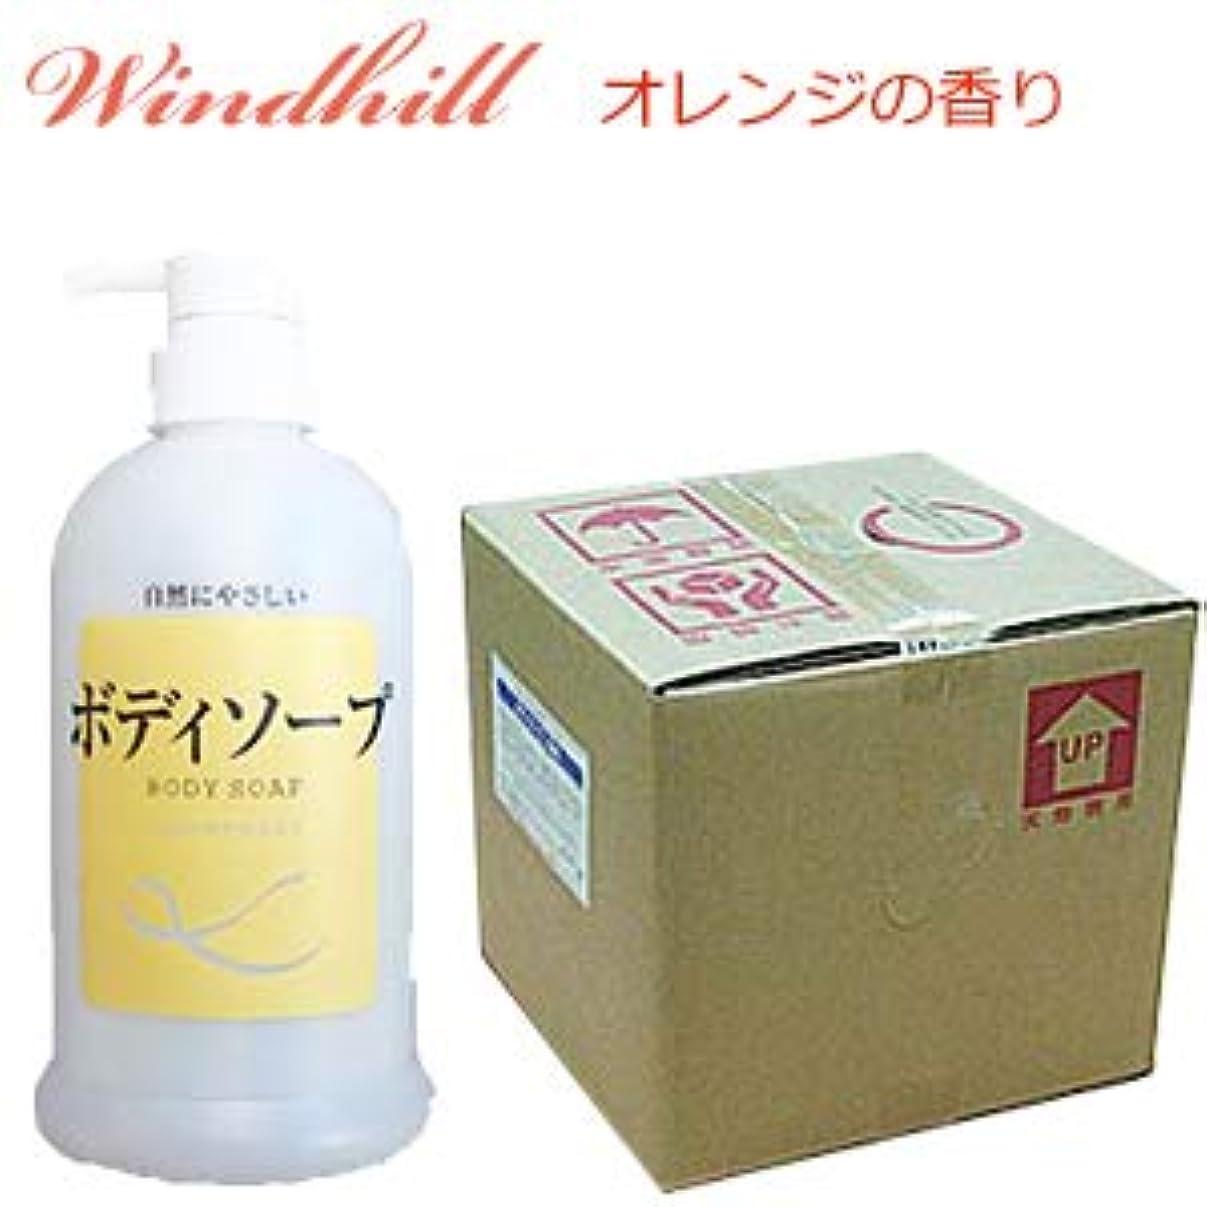 規模気になるストレッチWindhill 植物性 業務用ボディソープオレンジの香り 20L(1セット20L入)